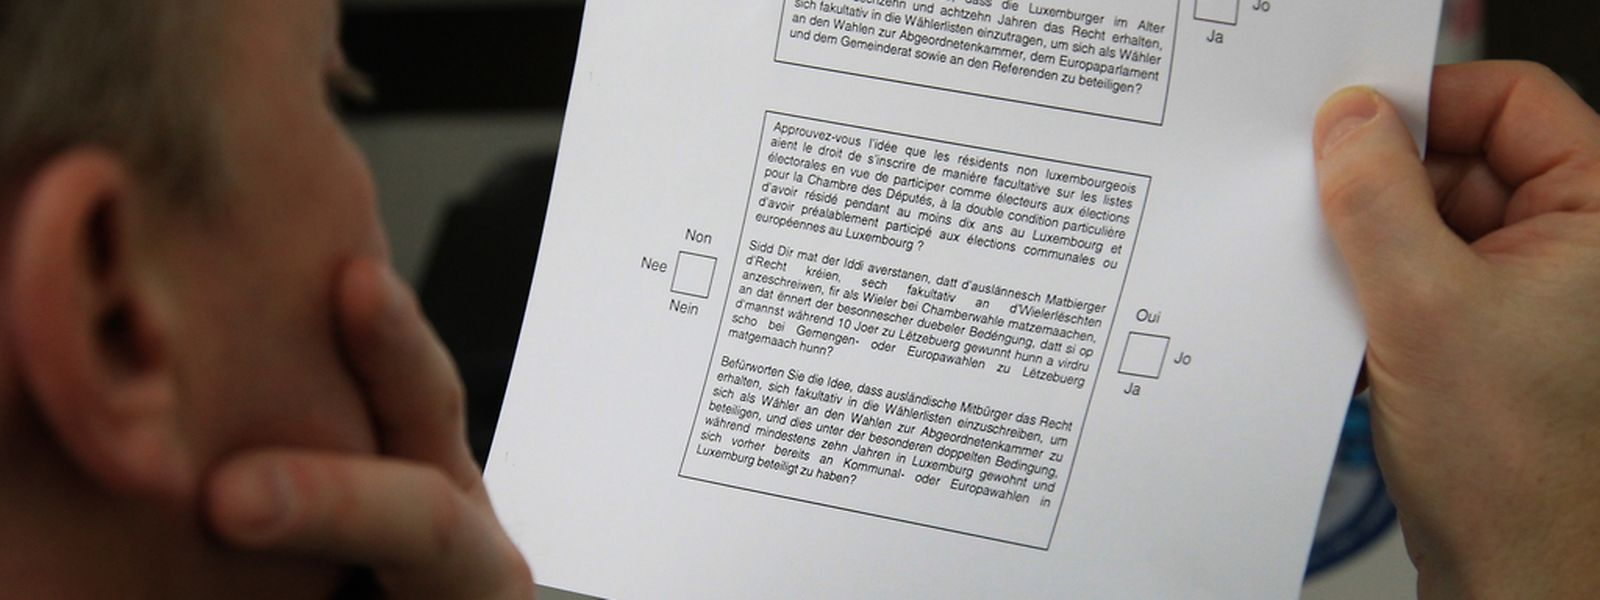 Ein Antragsteller fordert, dass das angedachte Verfassungsreferendum stattfindet.